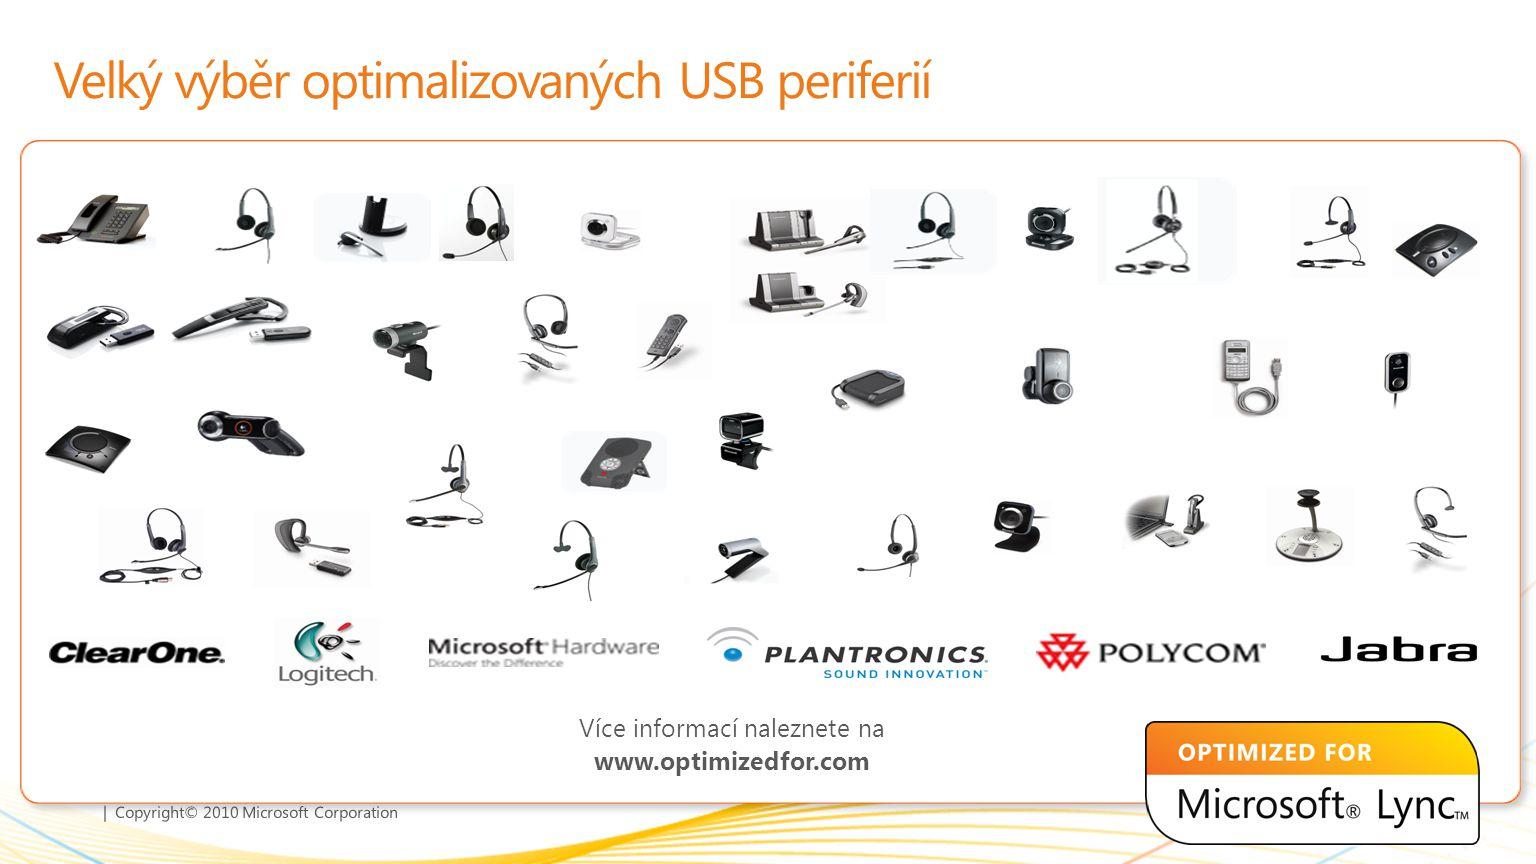 | Copyright© 2010 Microsoft Corporation Velký výběr optimalizovaných USB periferií Více informací naleznete na www.optimizedfor.com